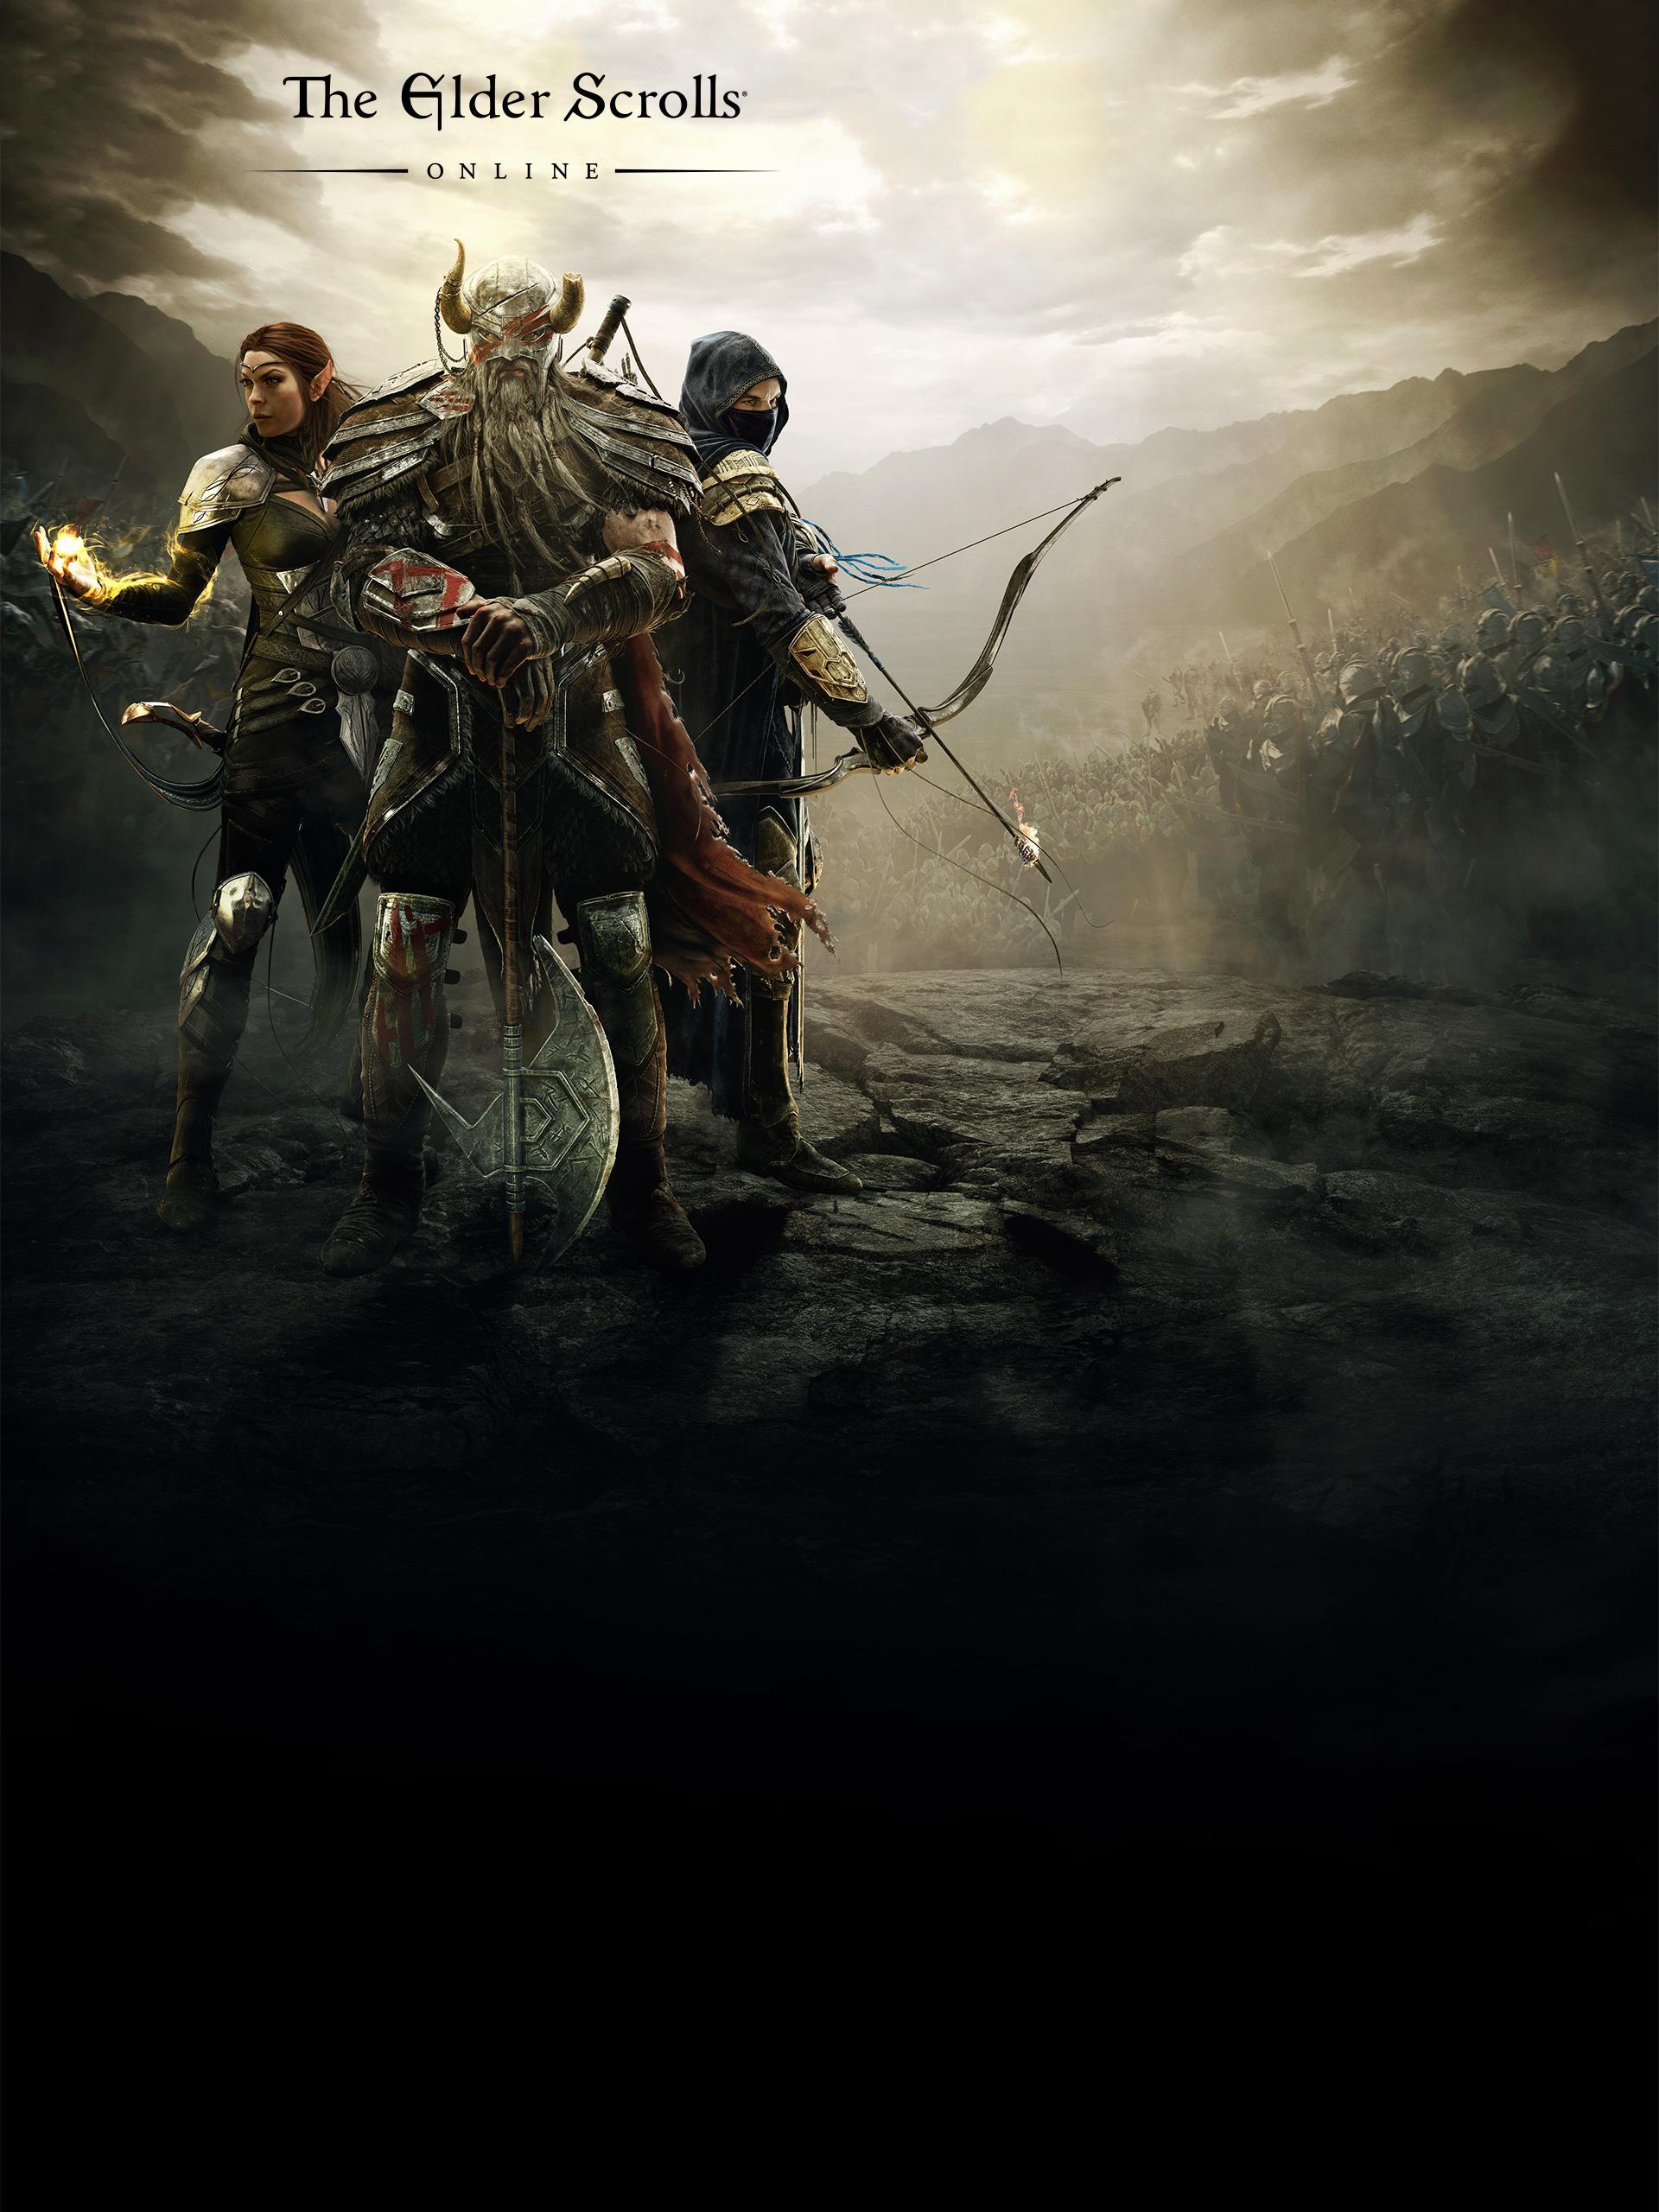 The Elder Scrolls Online:Tamriel Unlimited - kostenlos spielen bis 06.12  (PS4* und Steam)